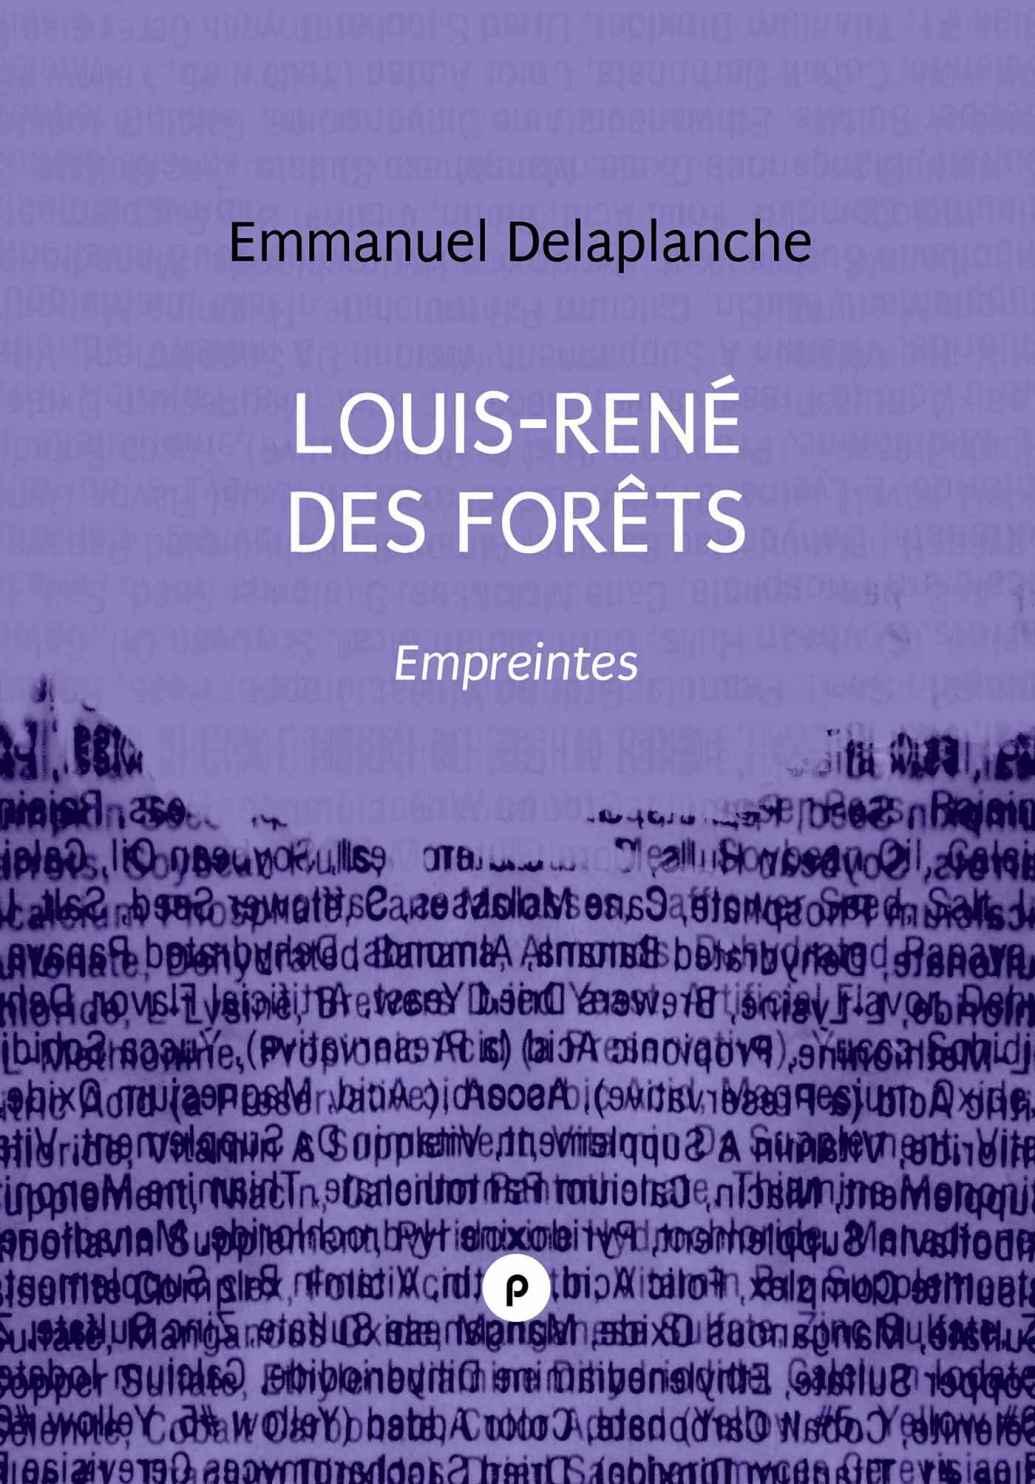 E. Delaplanche, Louis-René des Forêts: empreintes